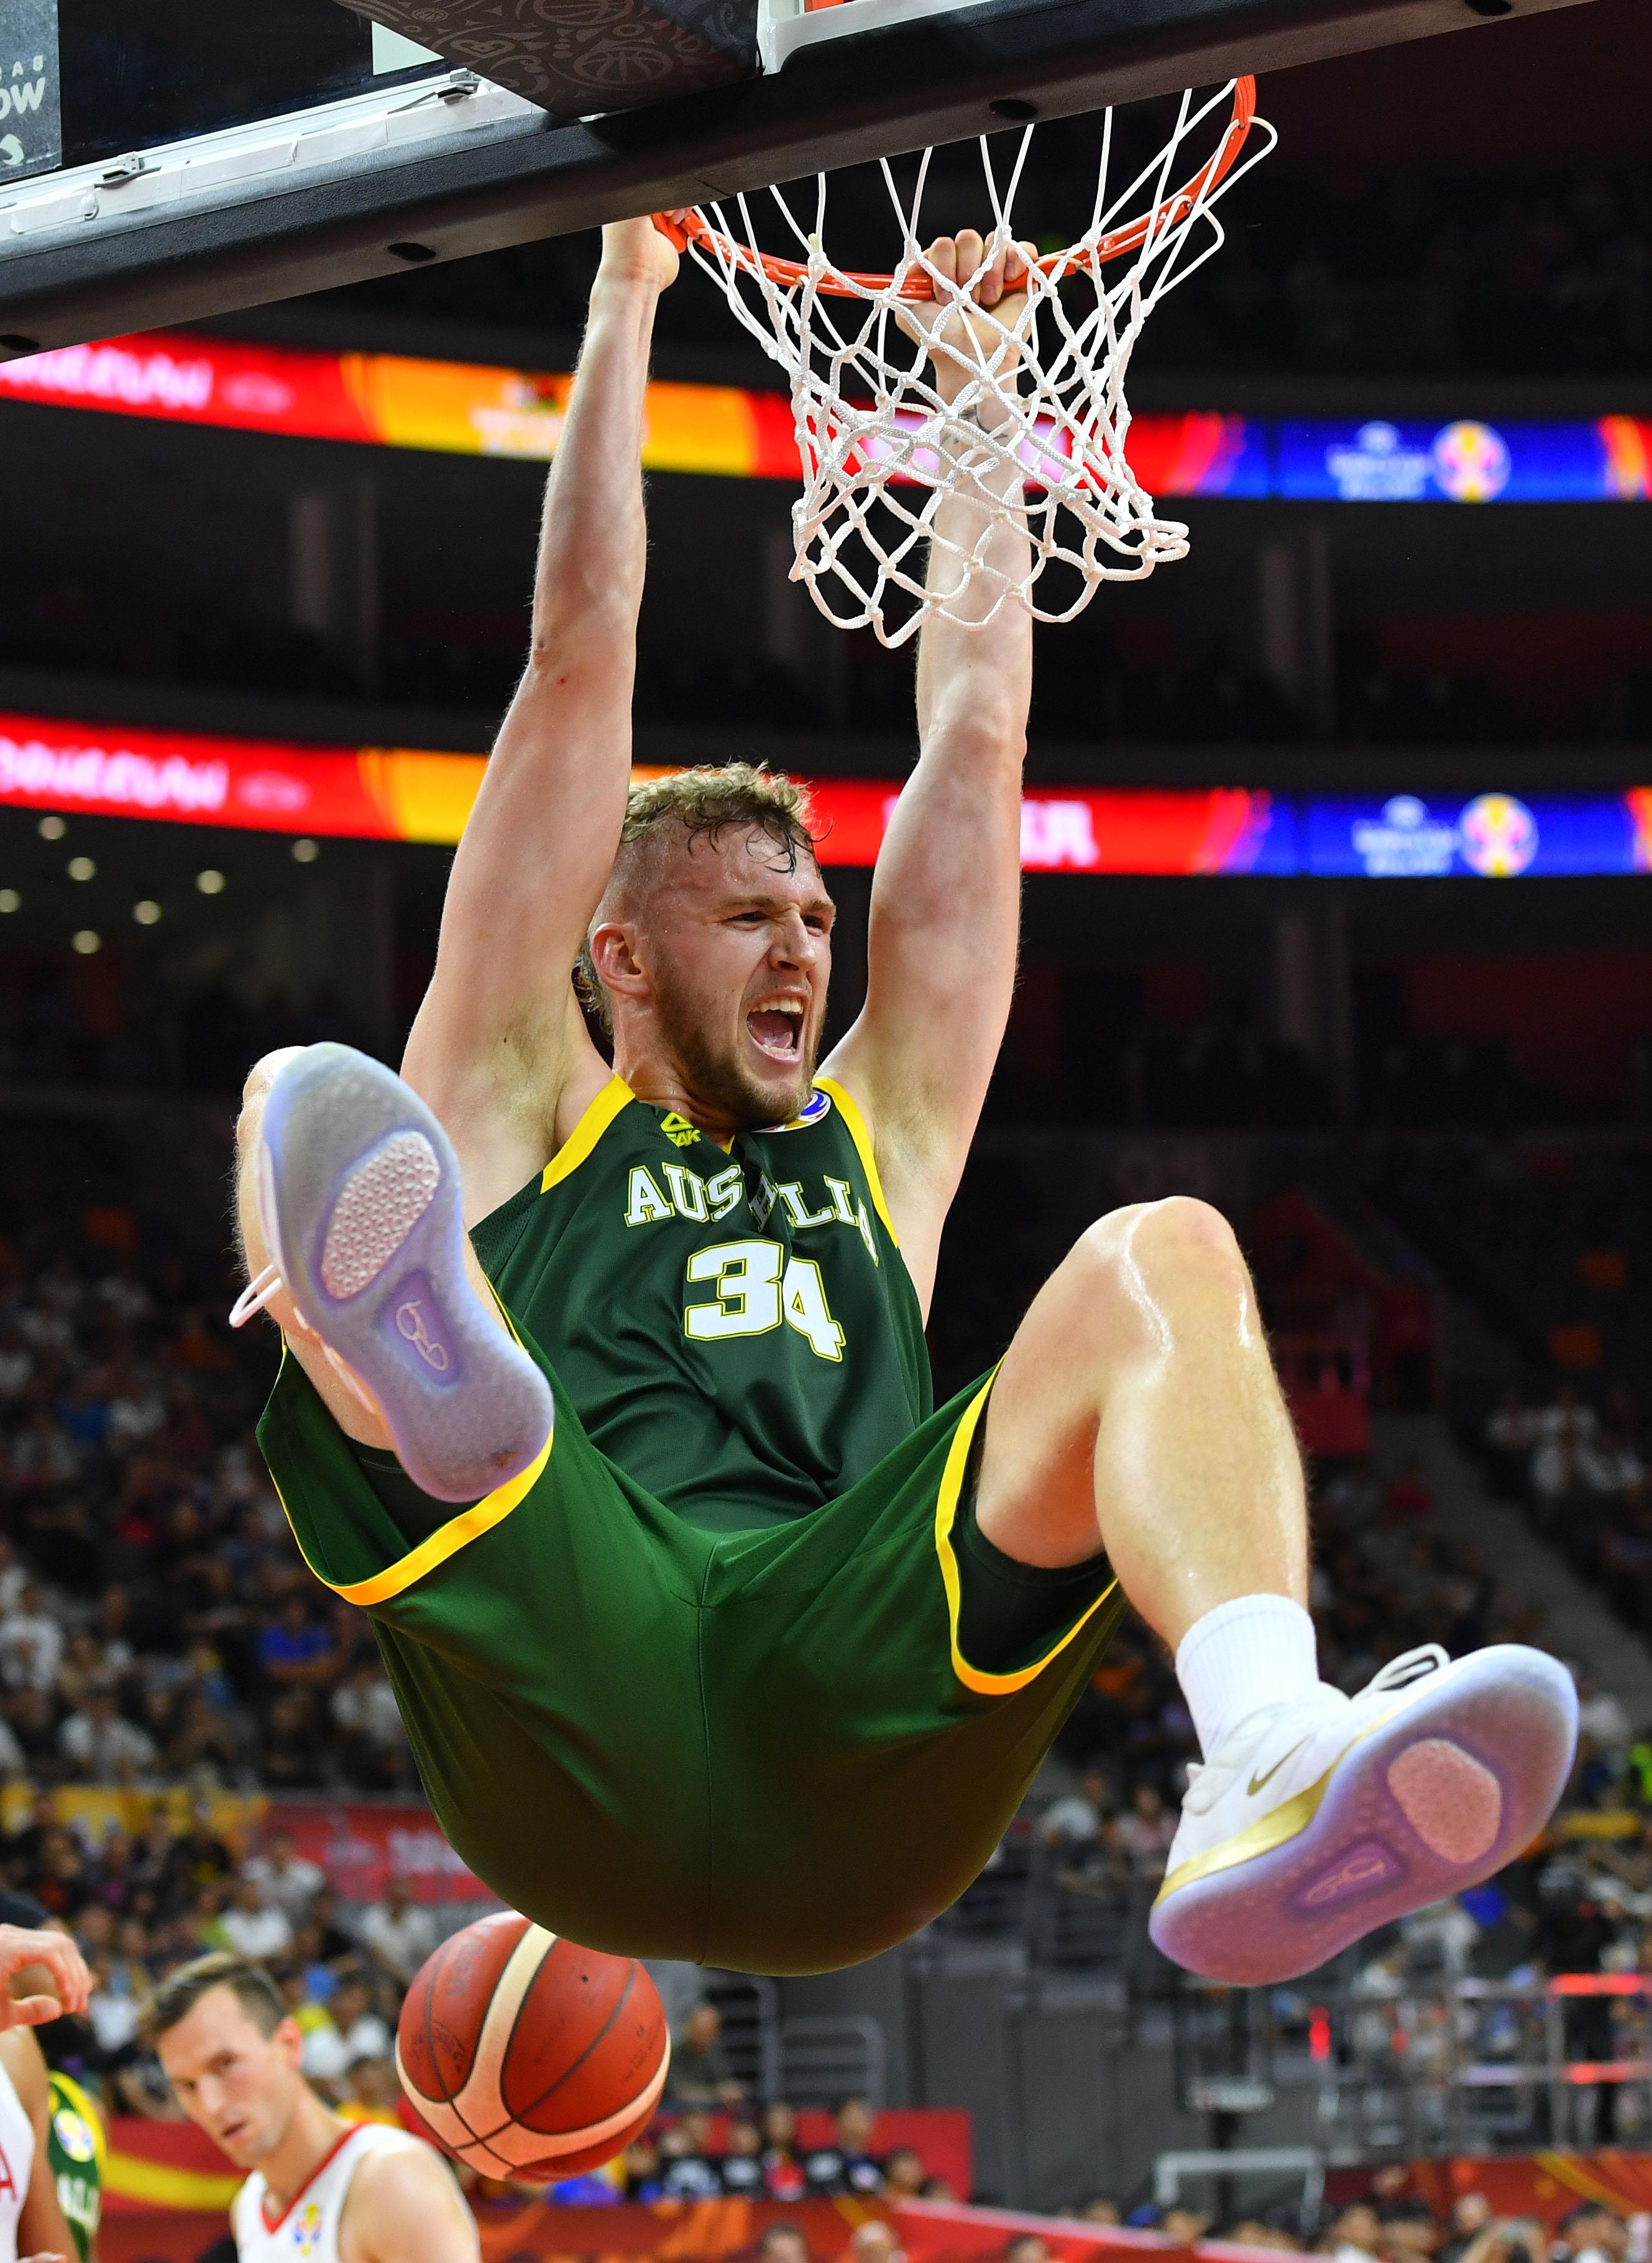 篮球——小组赛:澳大利亚队胜加拿大队